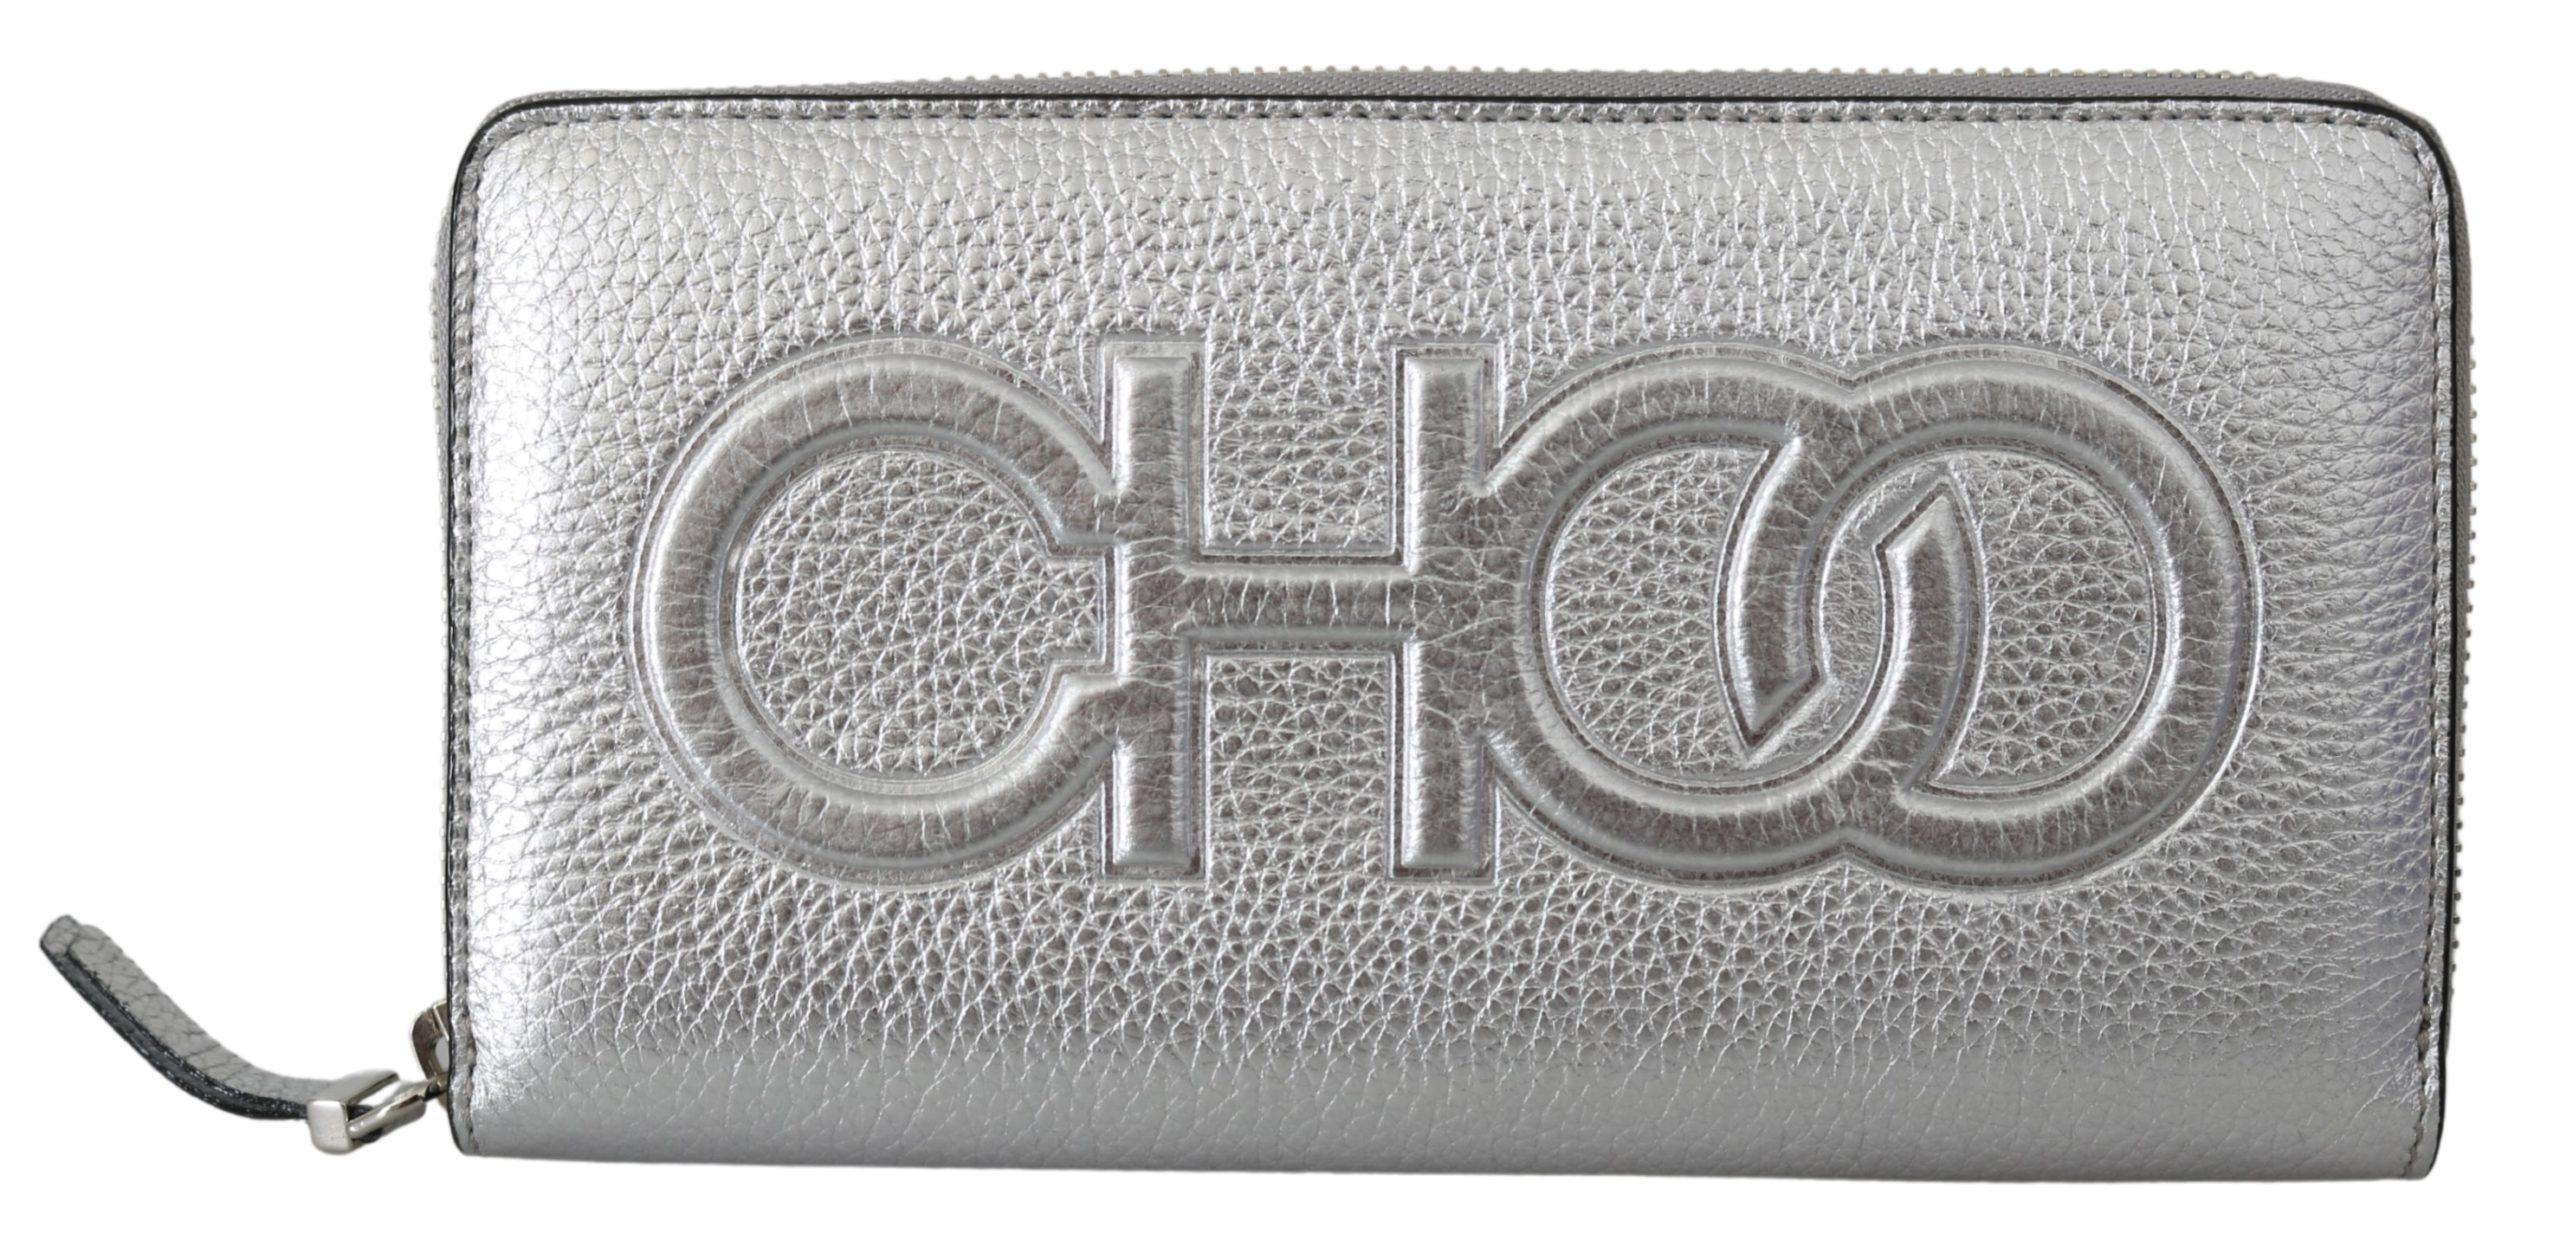 Jimmy Choo Women's Bettina Wallet Silver 1436020